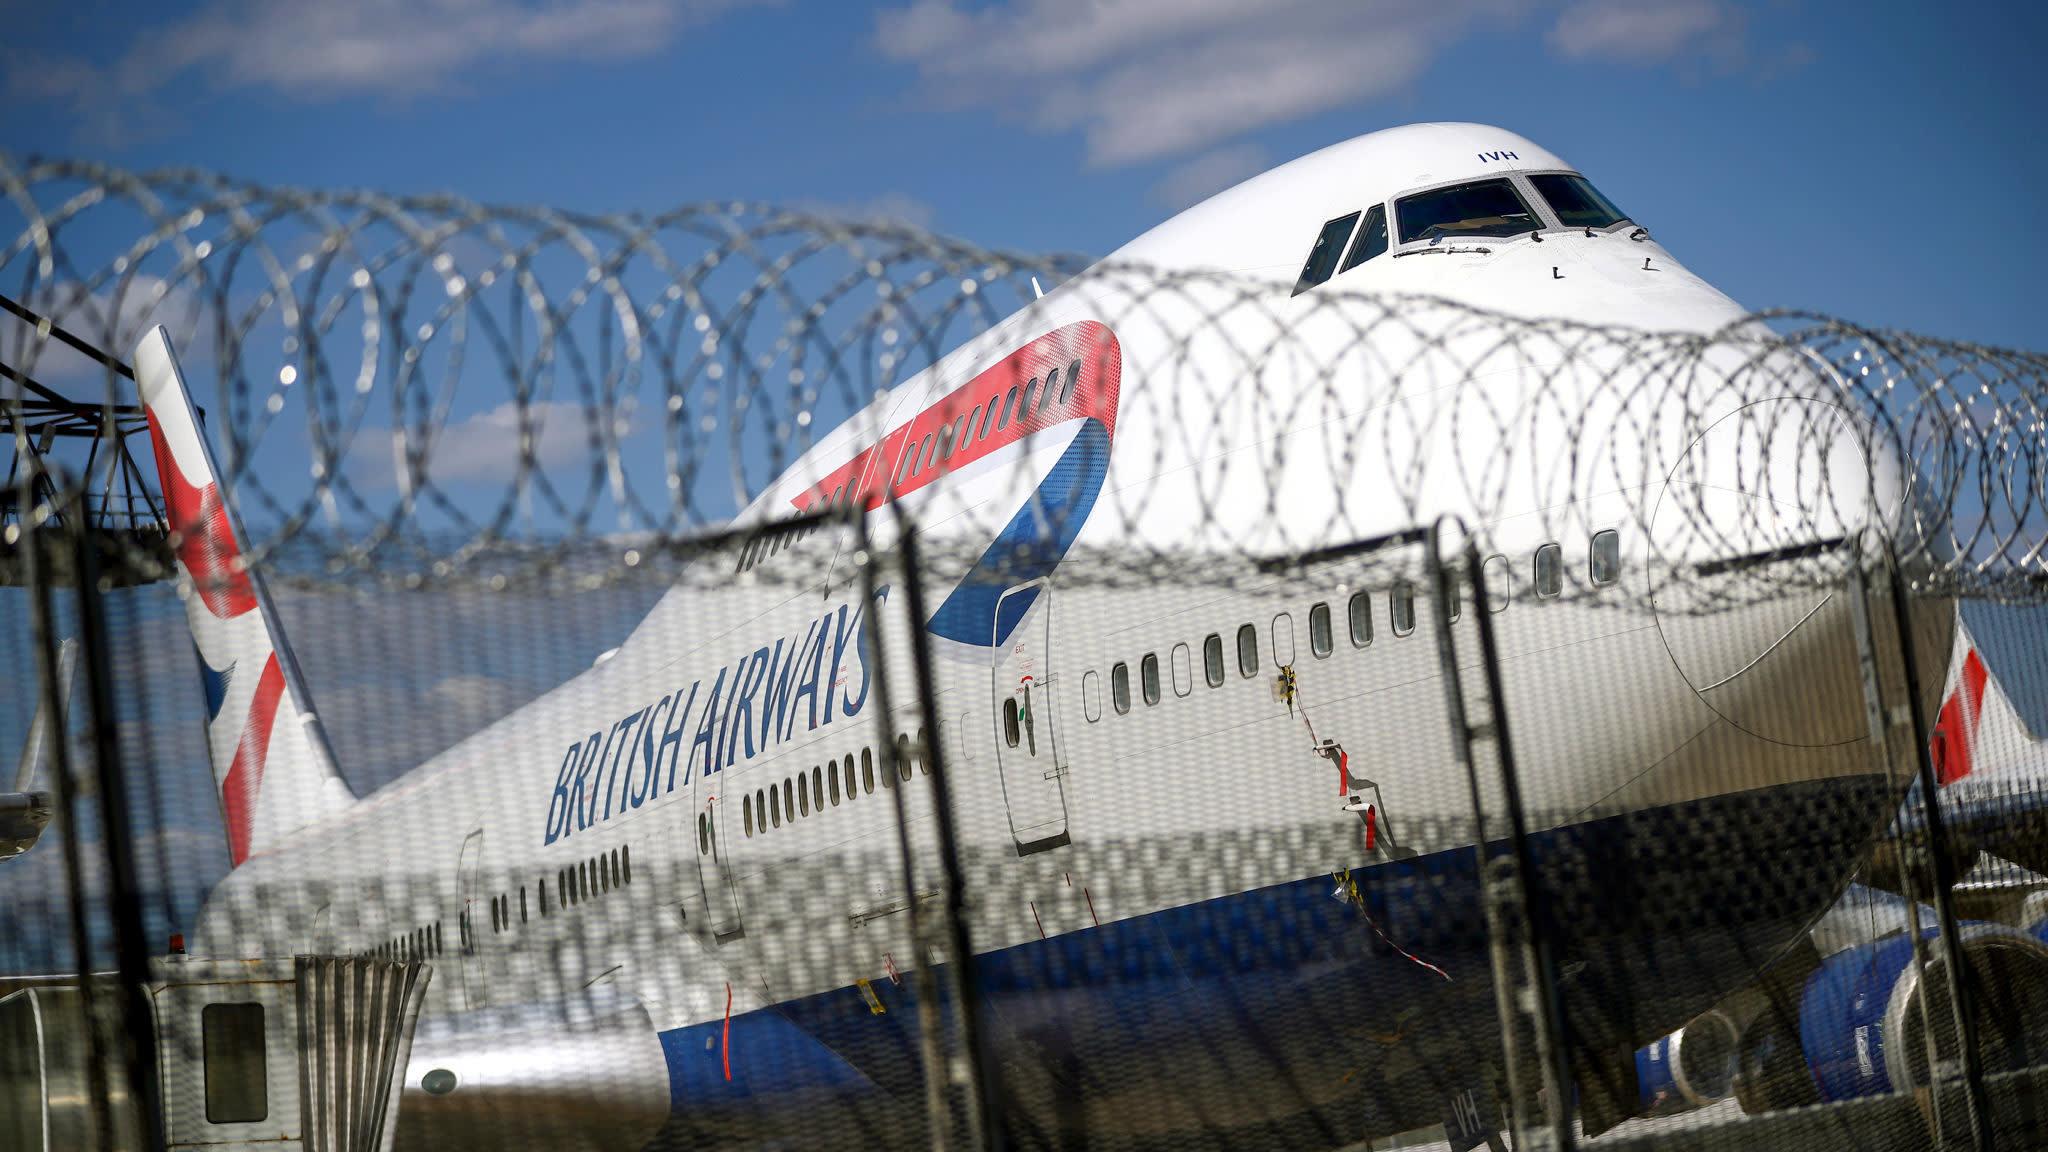 美国航空业为应对秋季出行低潮纷纷推行特价机票